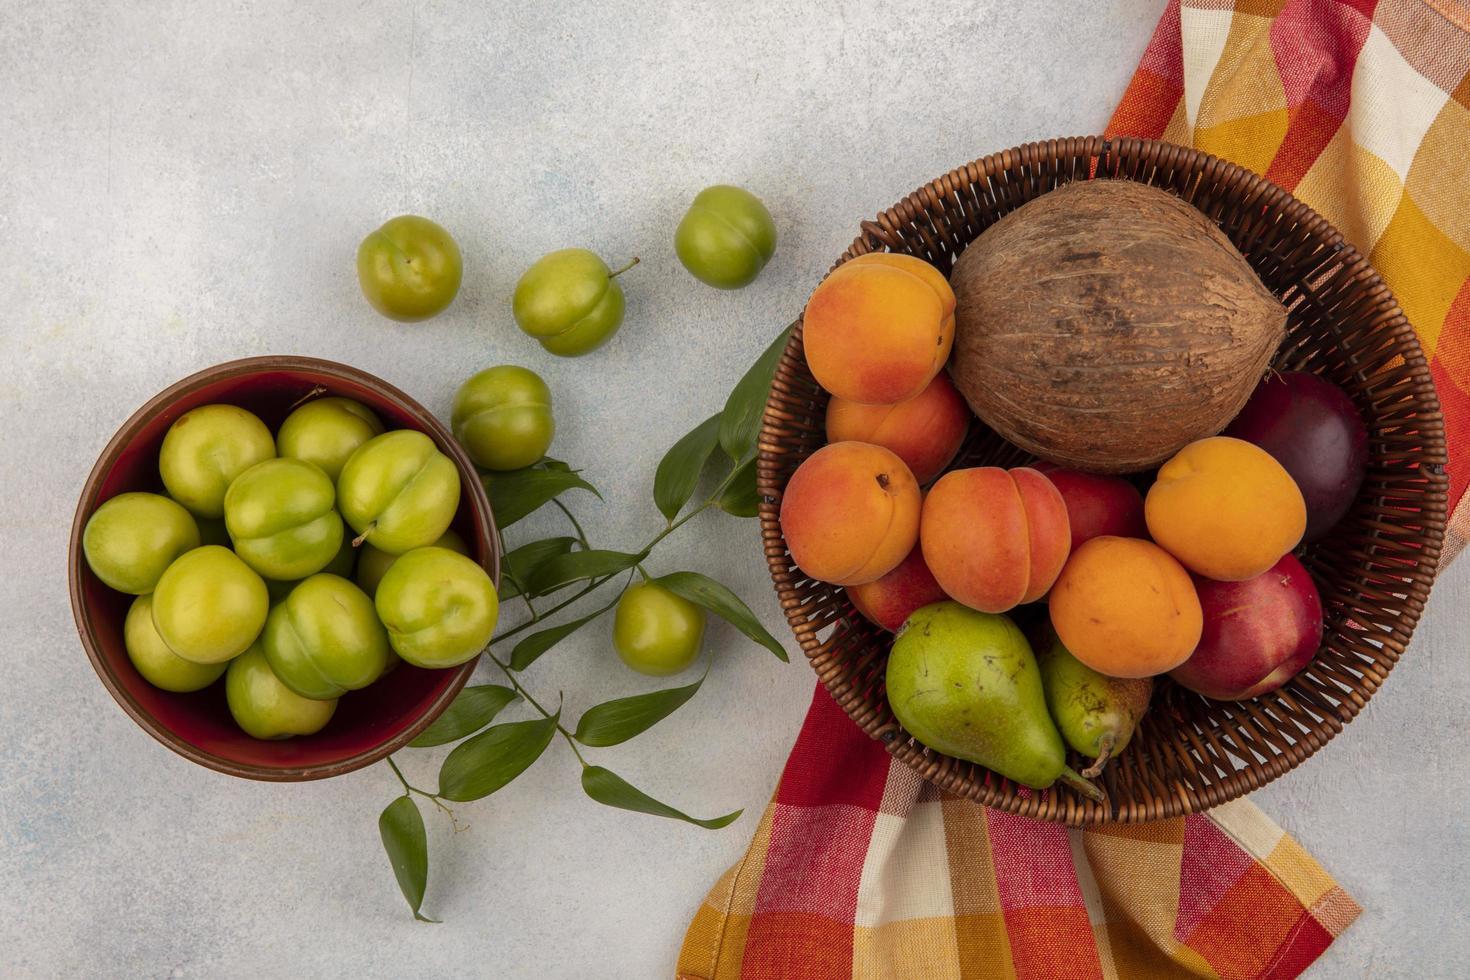 Surtido de frutas en una canasta y un tazón. foto